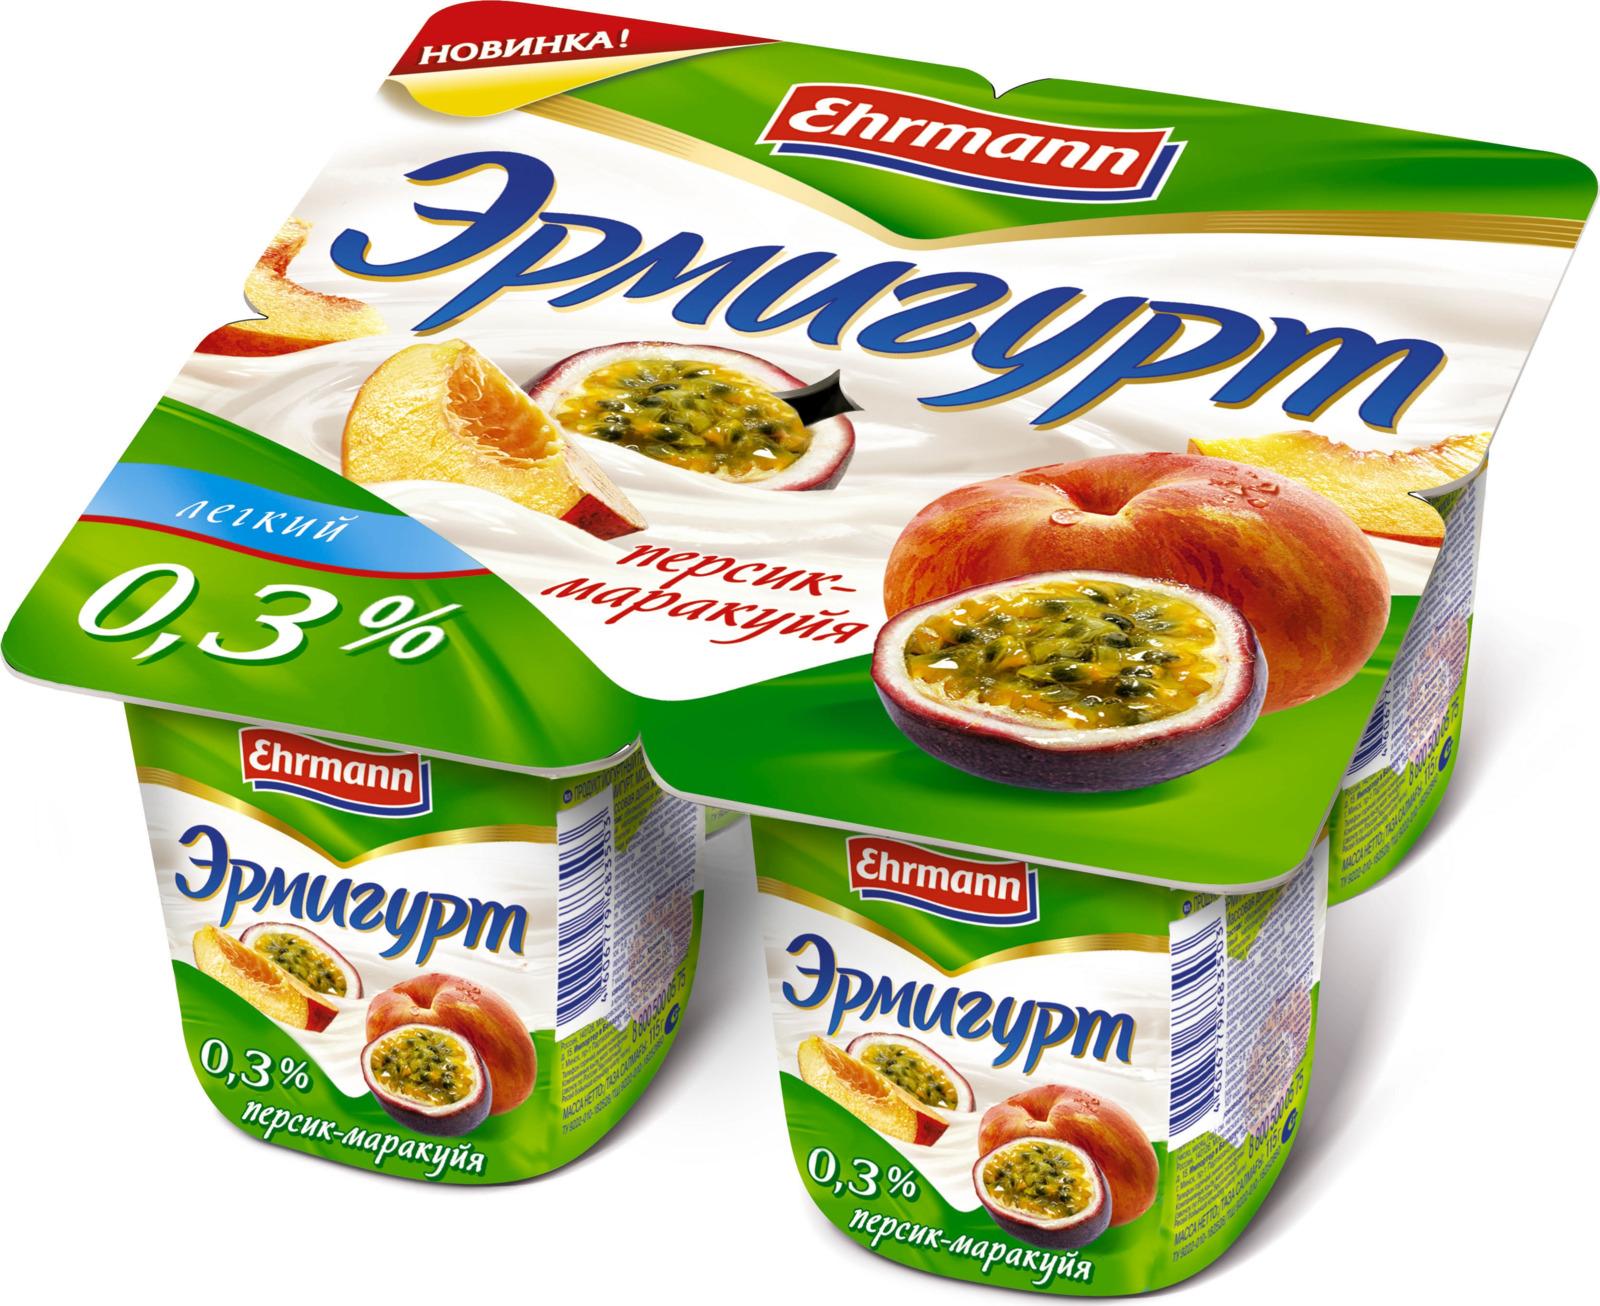 Йогуртный продукт Эрмигурт легкий, персик, маракуйя, 0,3%, 115 г